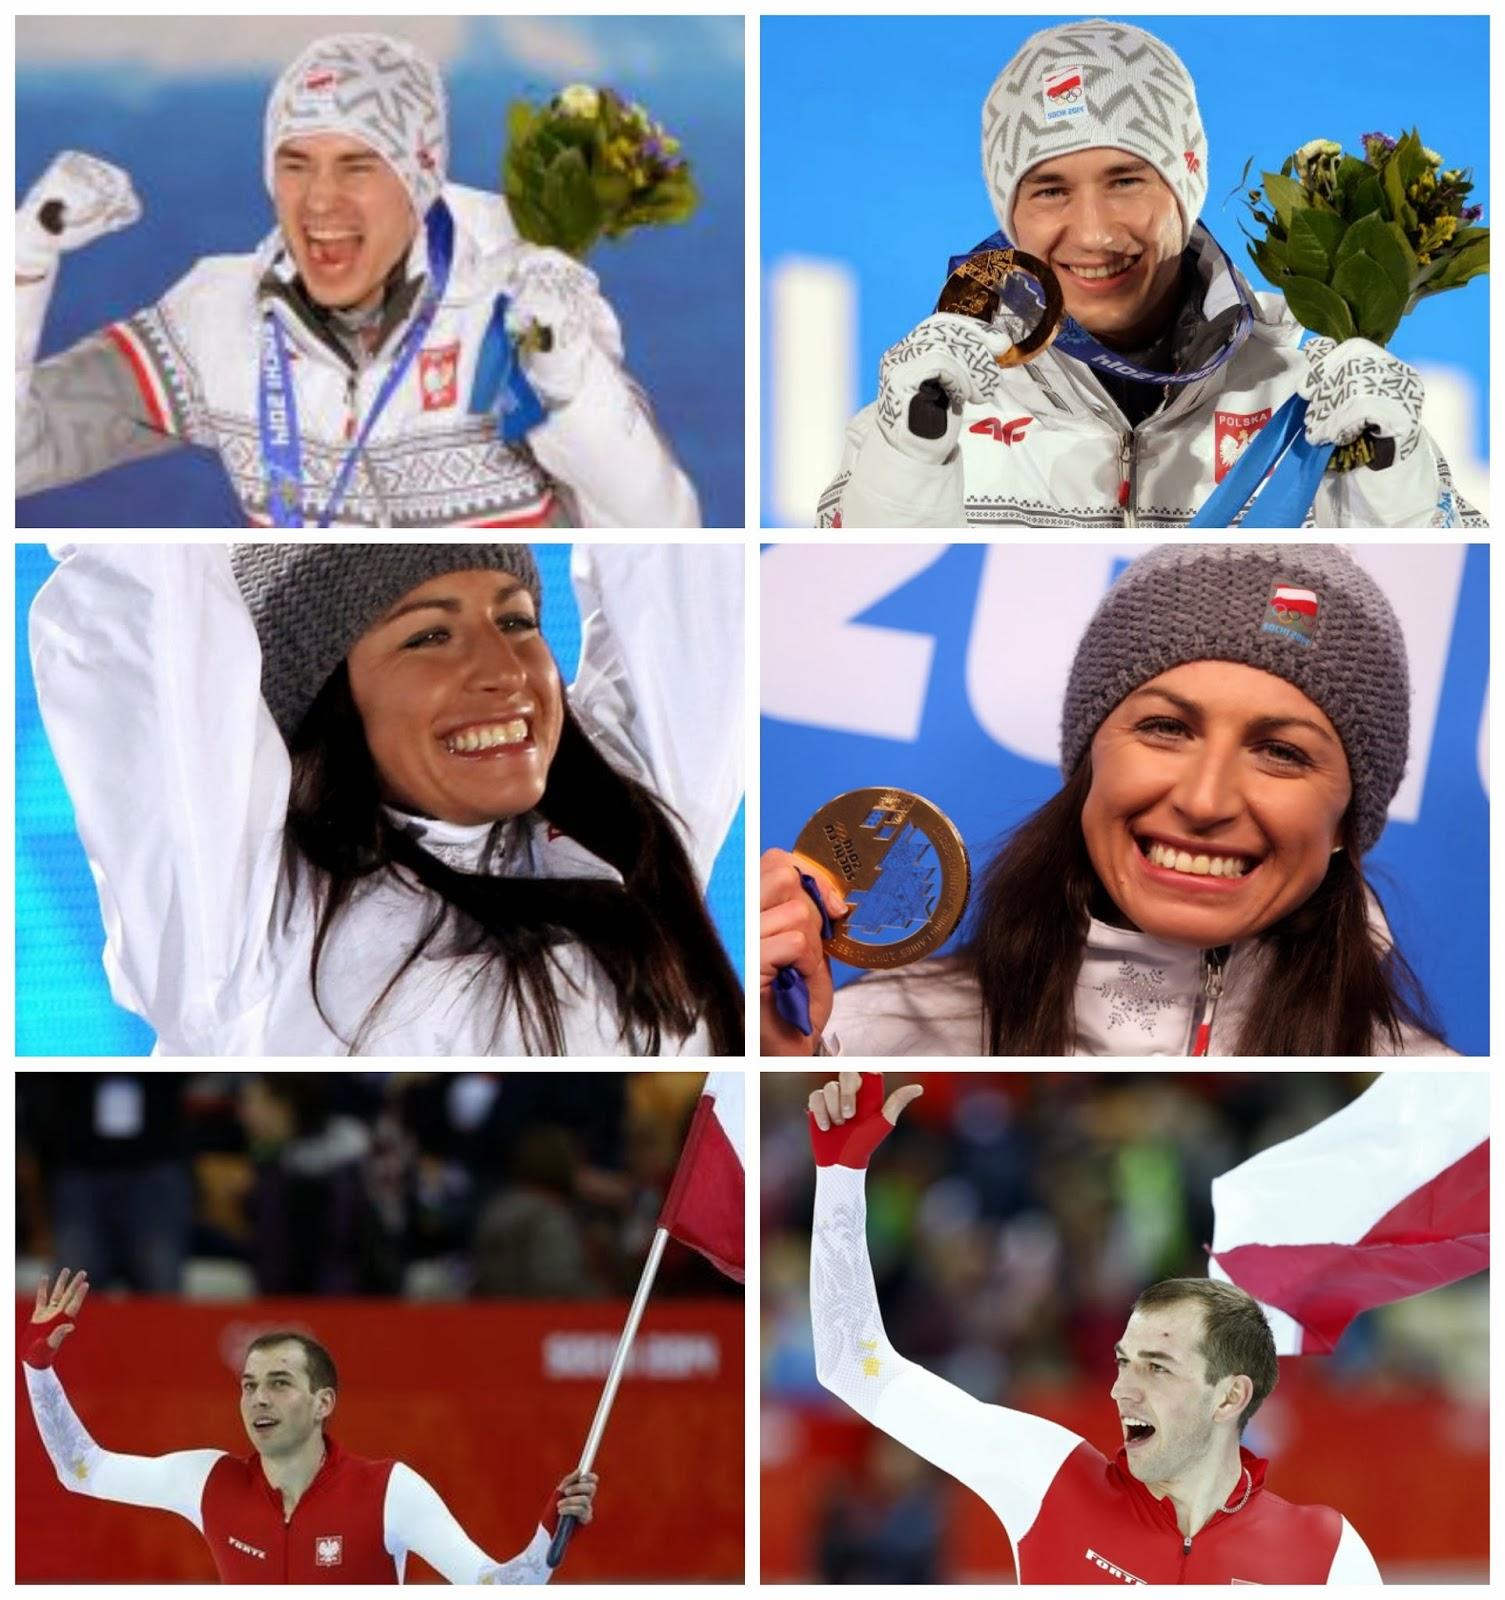 Polscy złoci medaliści Soczi 2014 - inspiracje DIY z nartami i łyżwami!